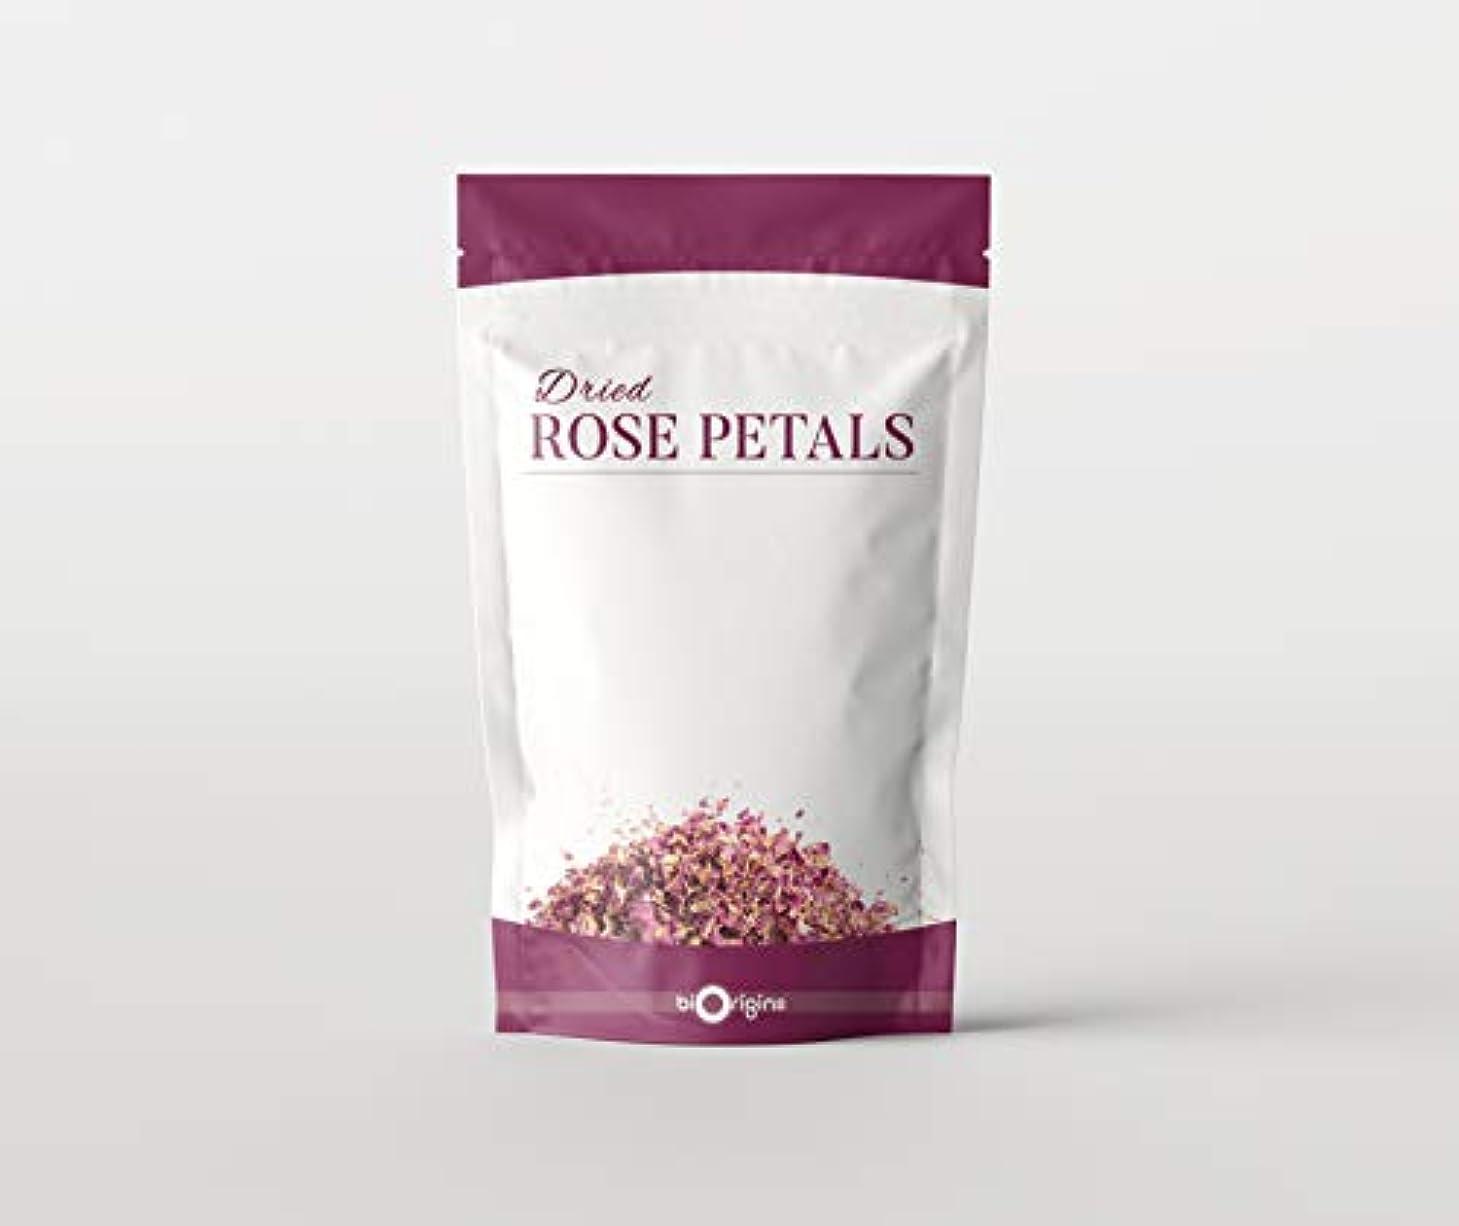 関係する不誠実大工Dried Rose Petals - 100g